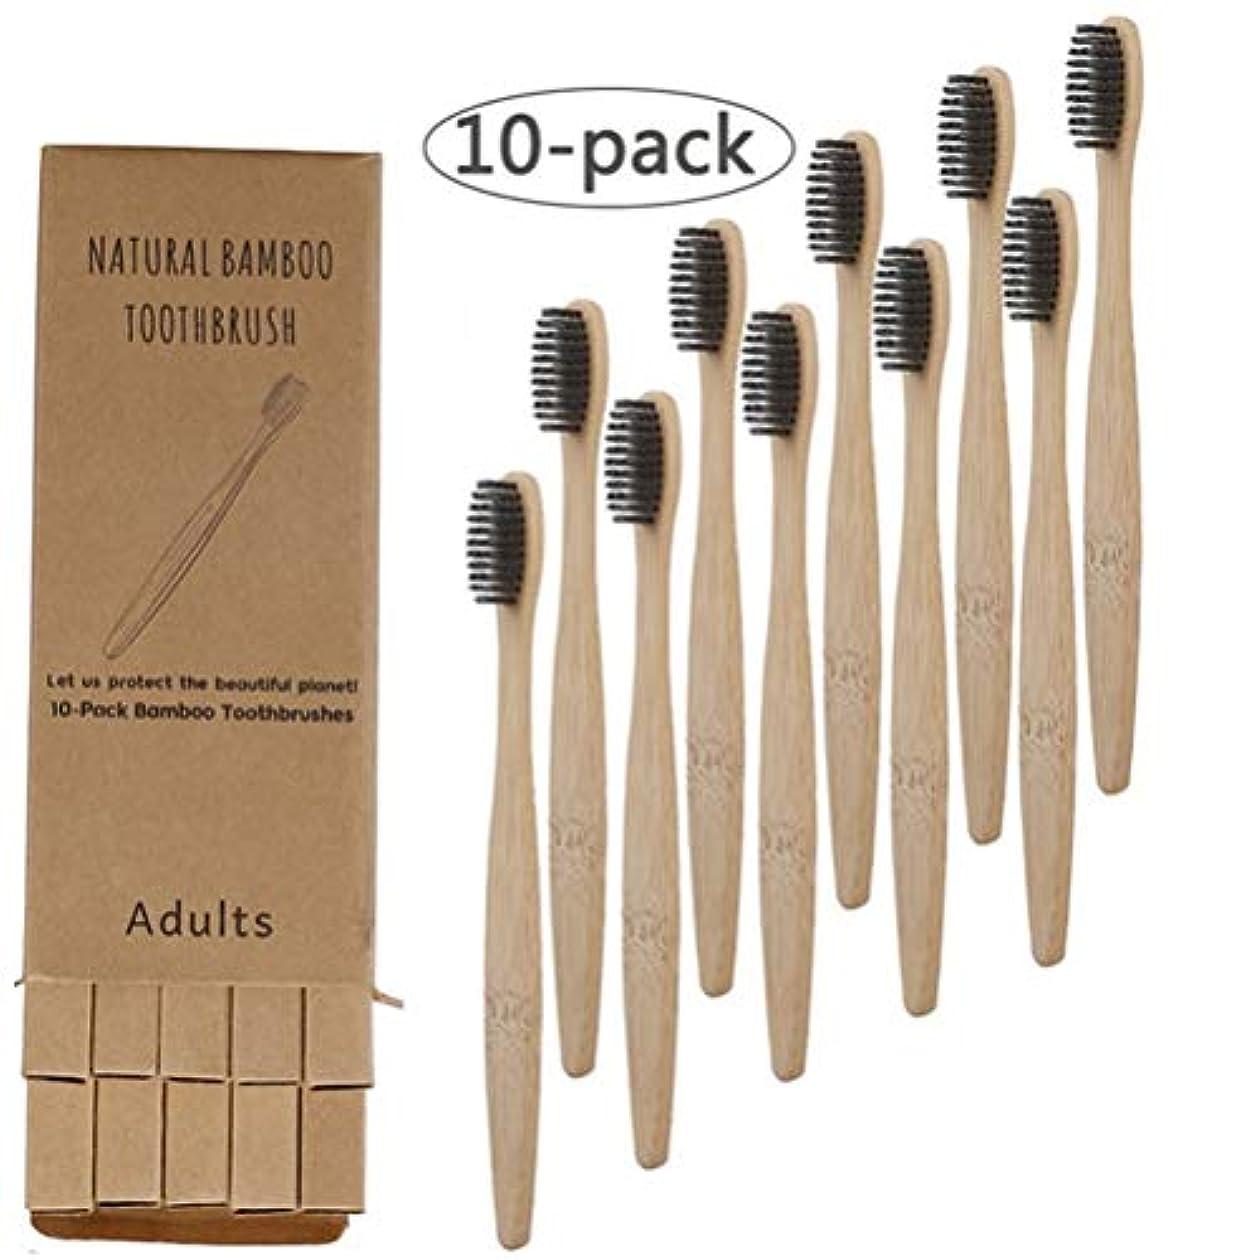 アレンジ直面する印象Keemov 歯ブラシ 木製 個別包装 10本セット 天然の竹製 安全 歯科用 ジュニア 子供 大人 家族 旅行 家庭用